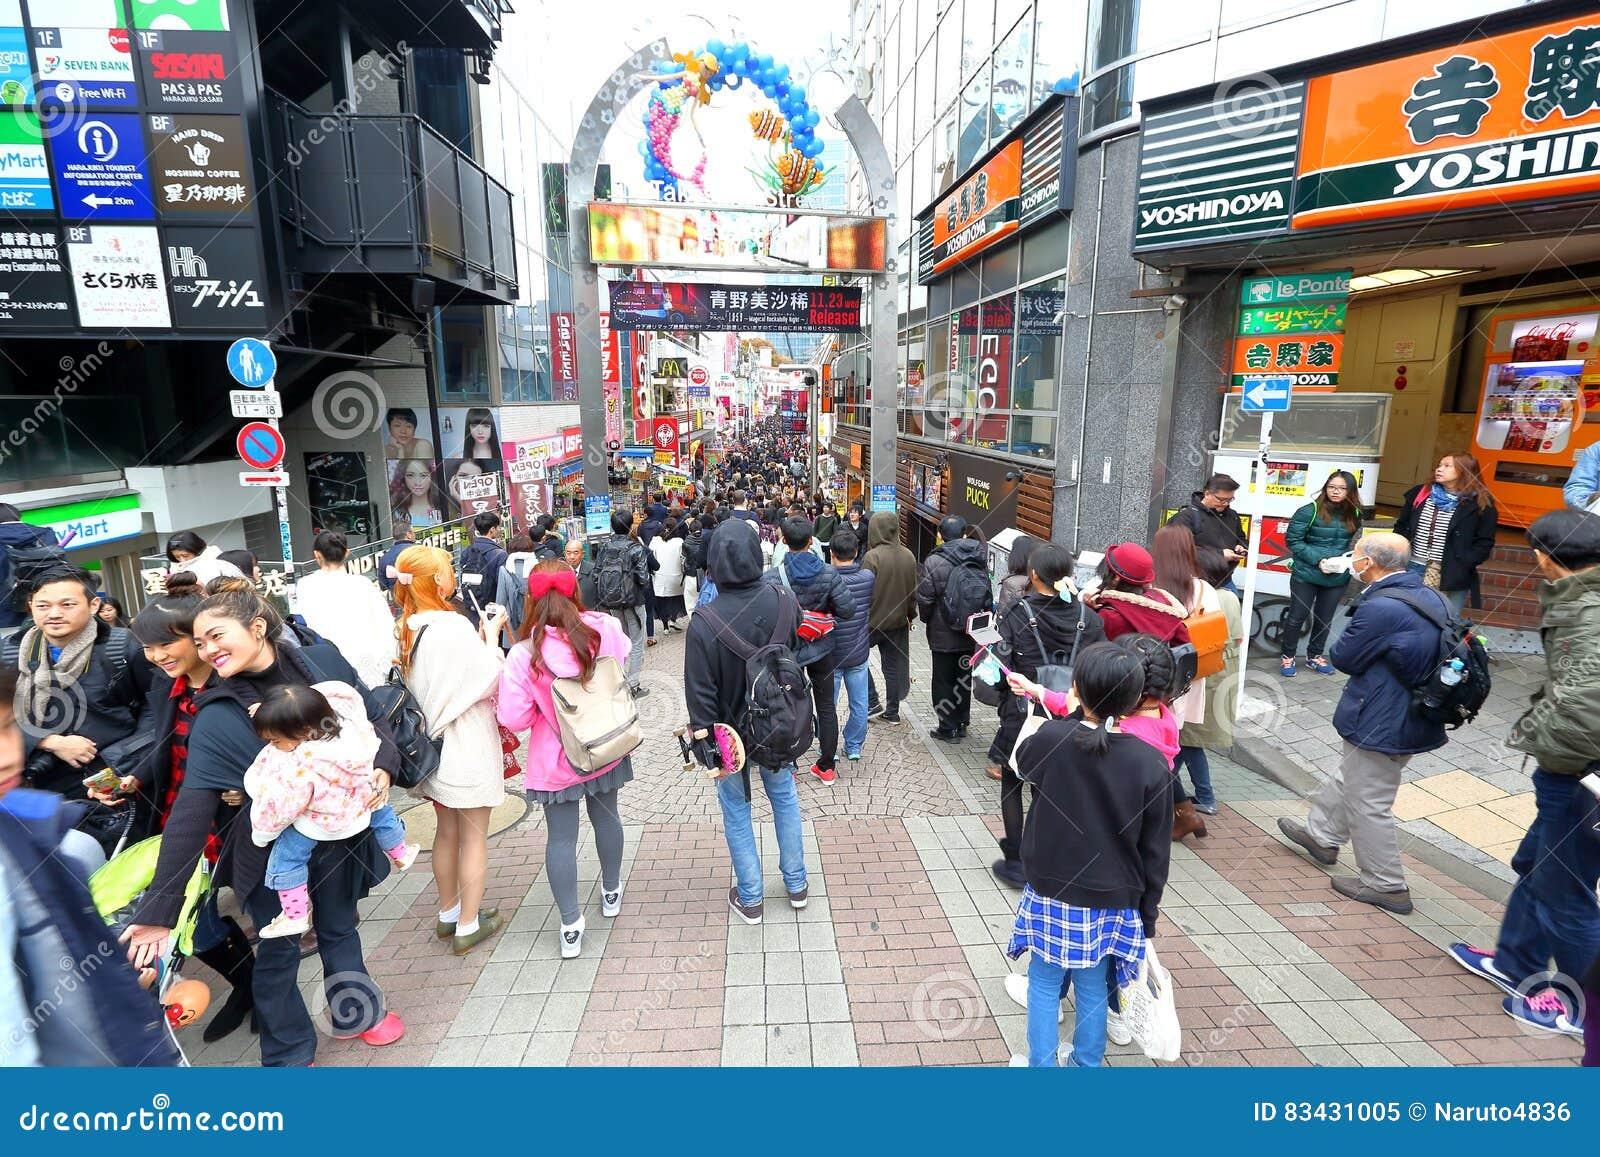 TOKYO, JAPAN: Takeshita StreetTakeshita Dori